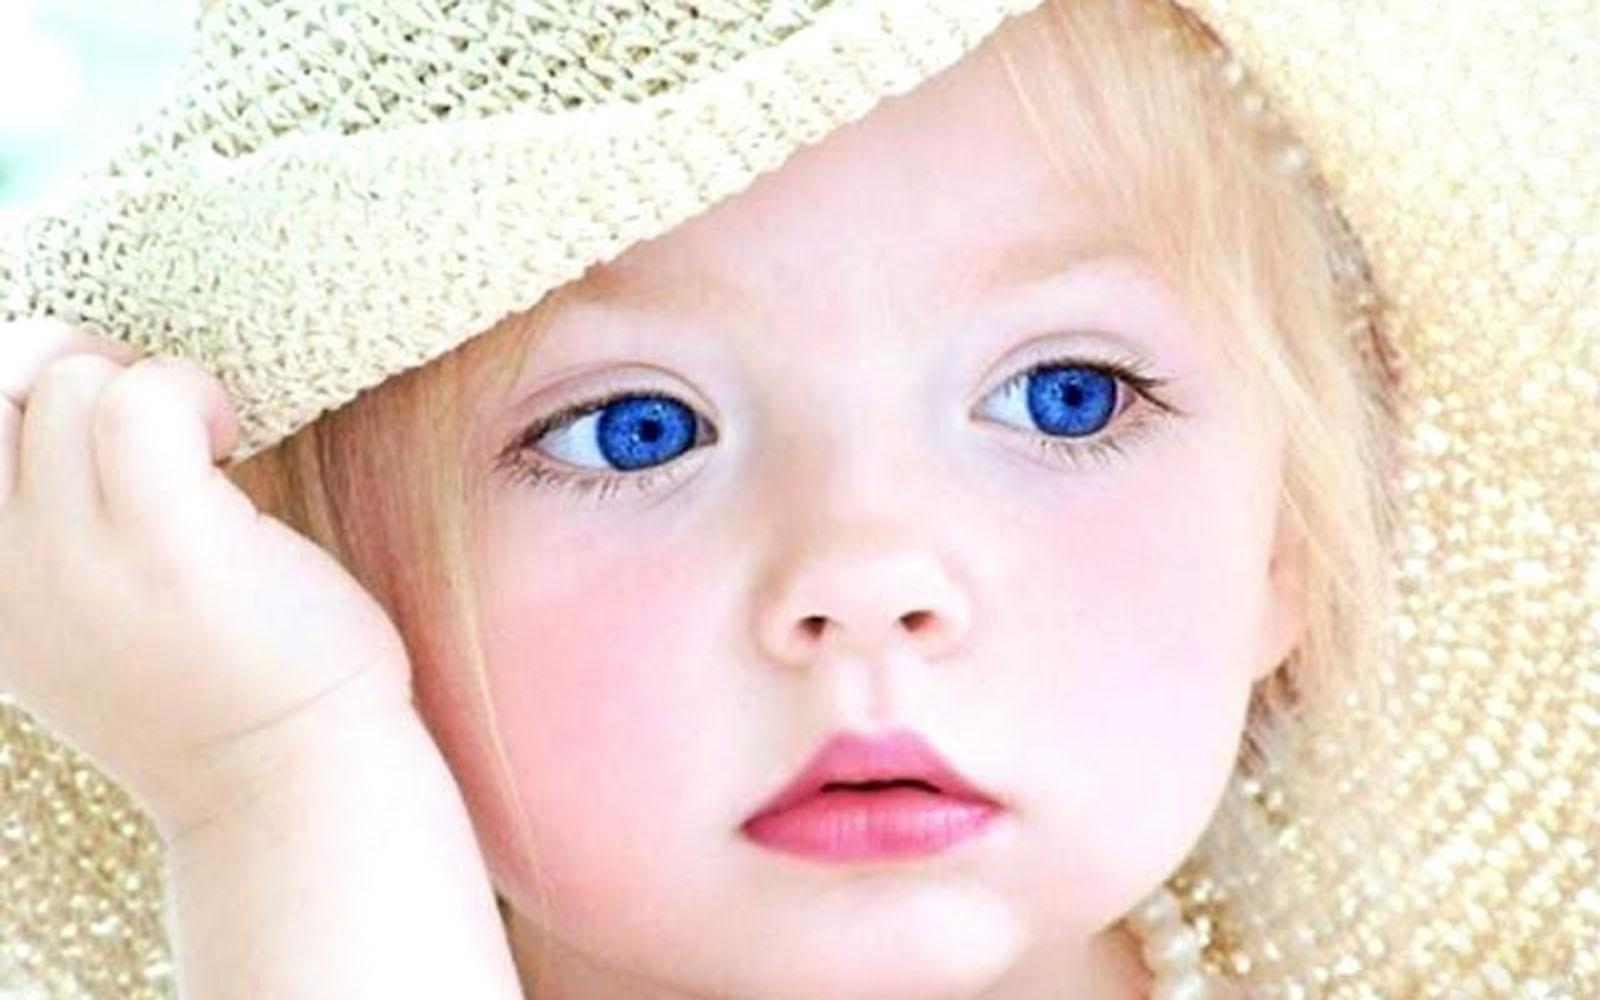 بالصور صور اطفال جميله , اجمل صور اطفال في العالم 181 3